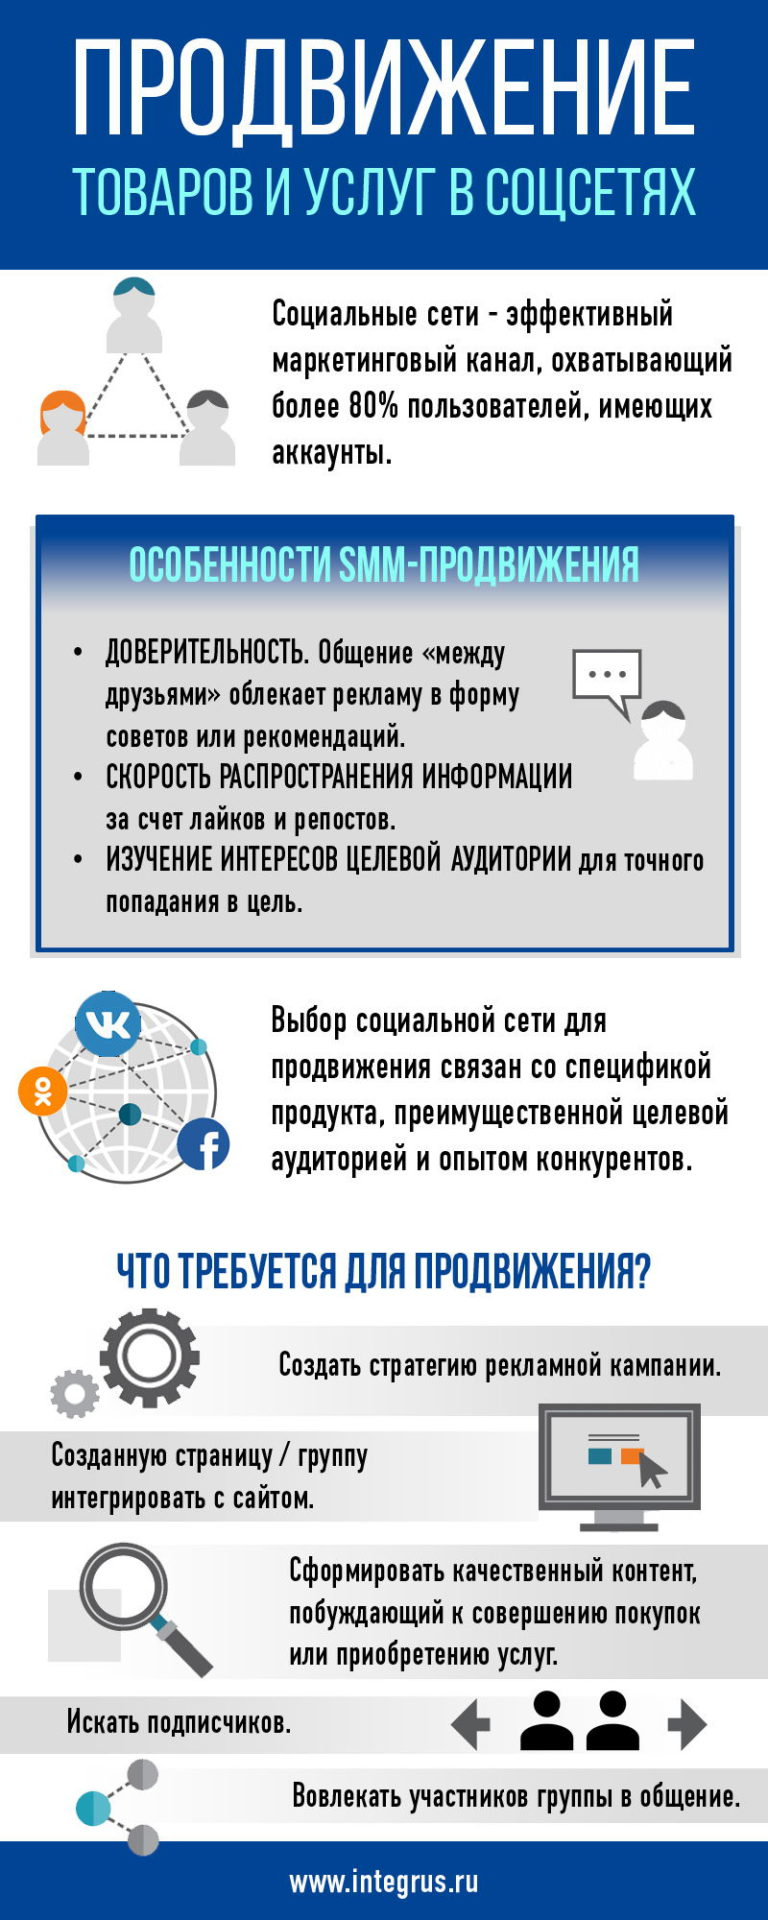 Продвижение товаров, услуг в соцсетях